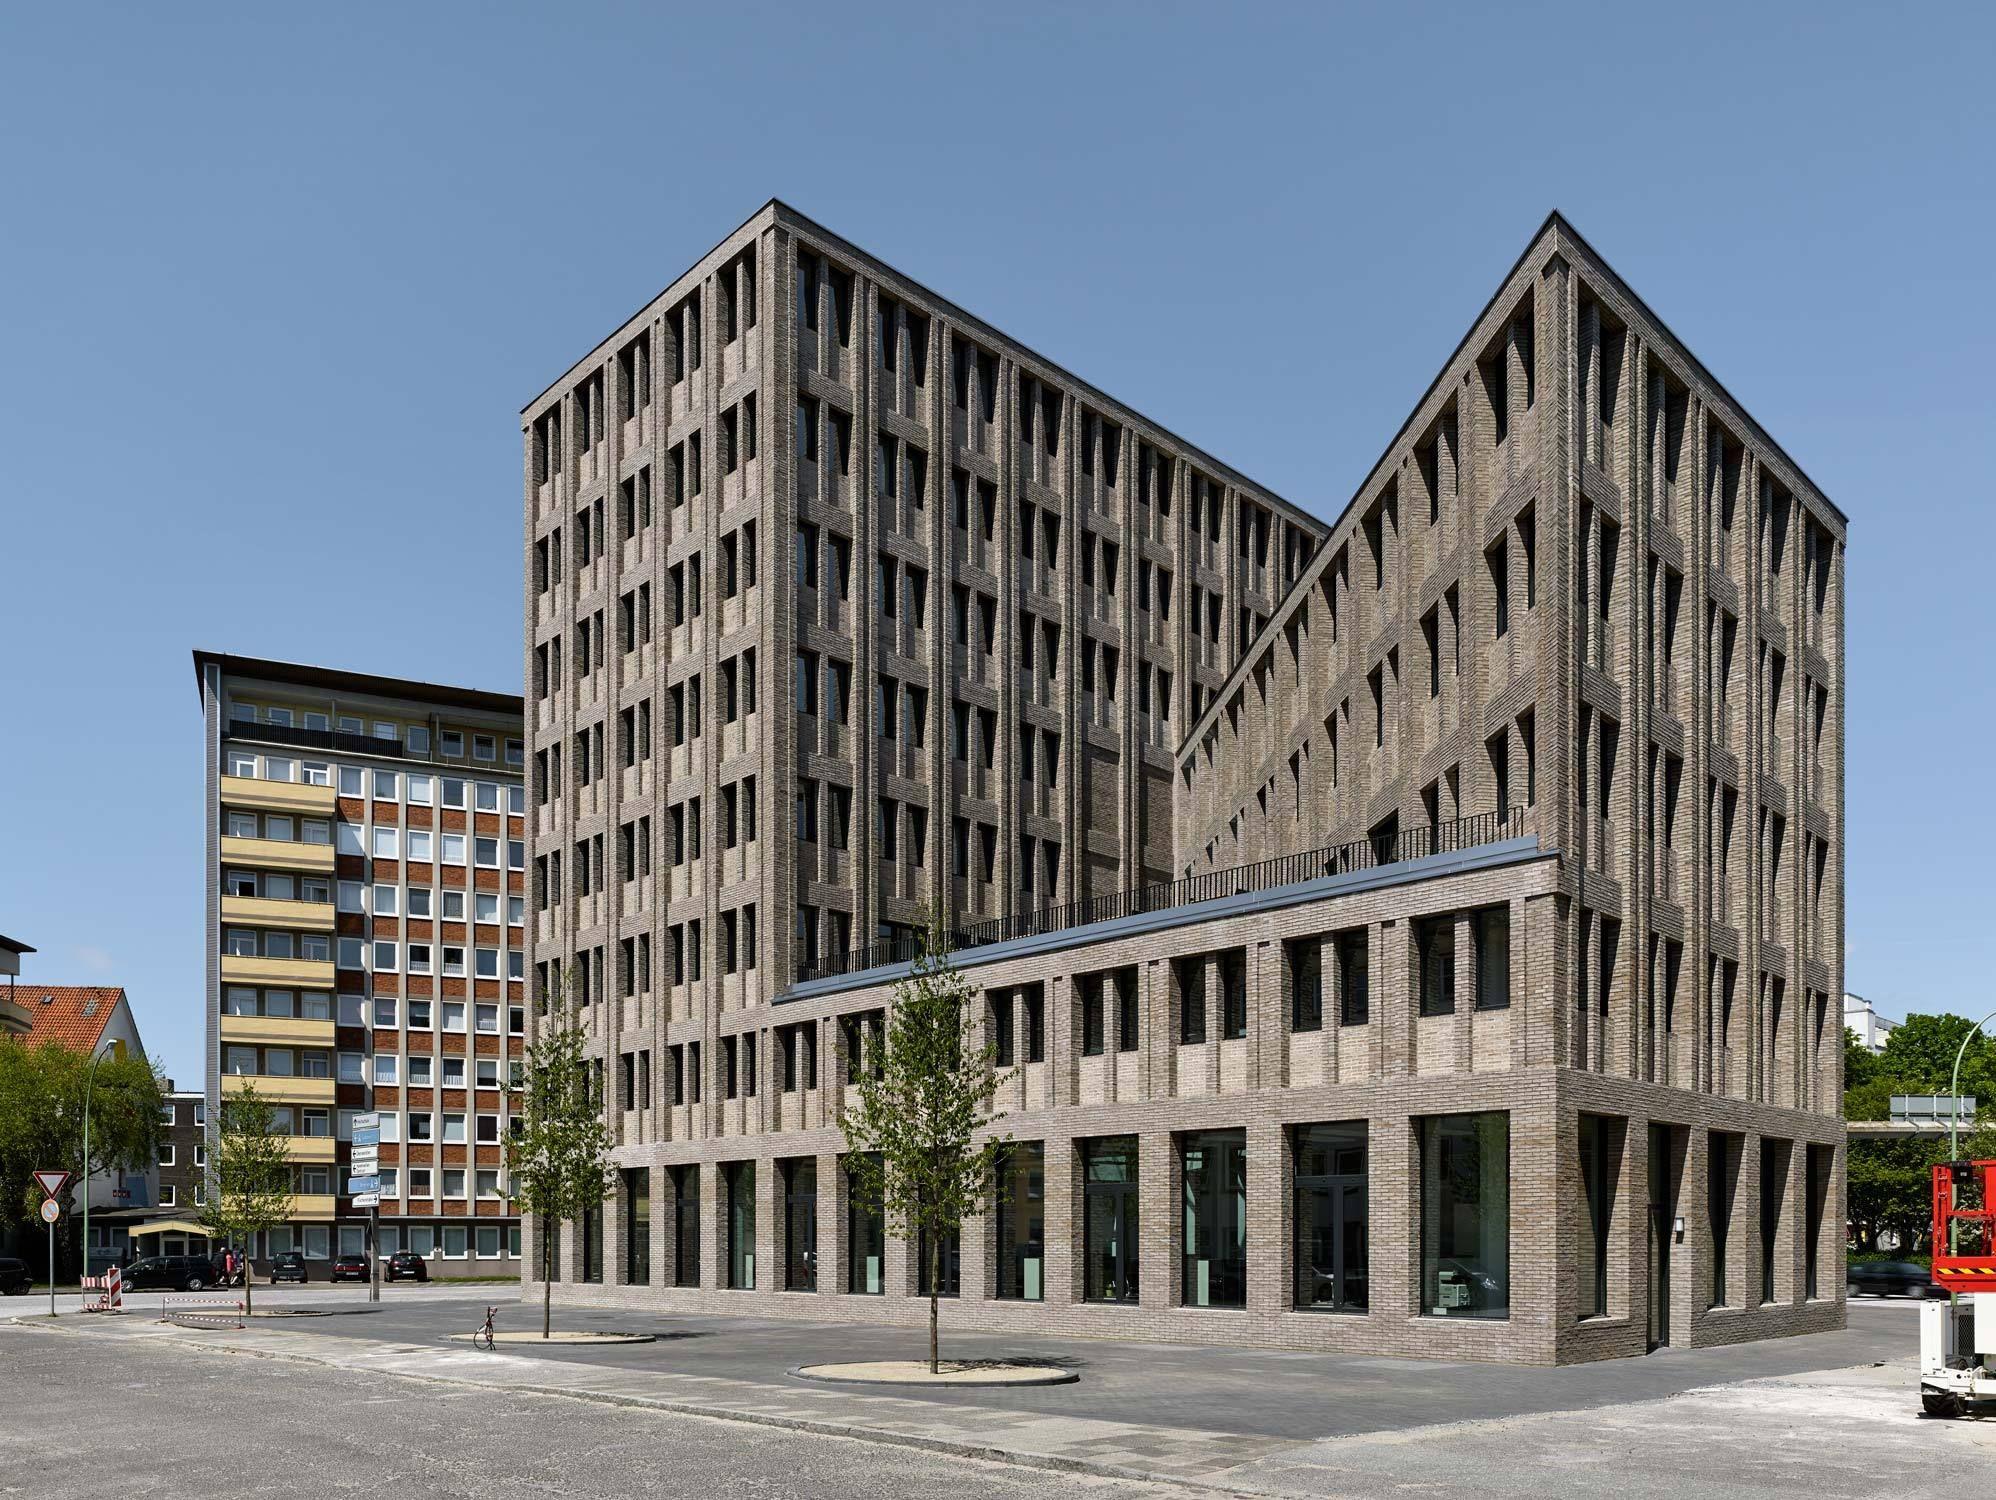 Architekten Bremerhaven träger backstein über max dudlers aok neubau in bremerhaven